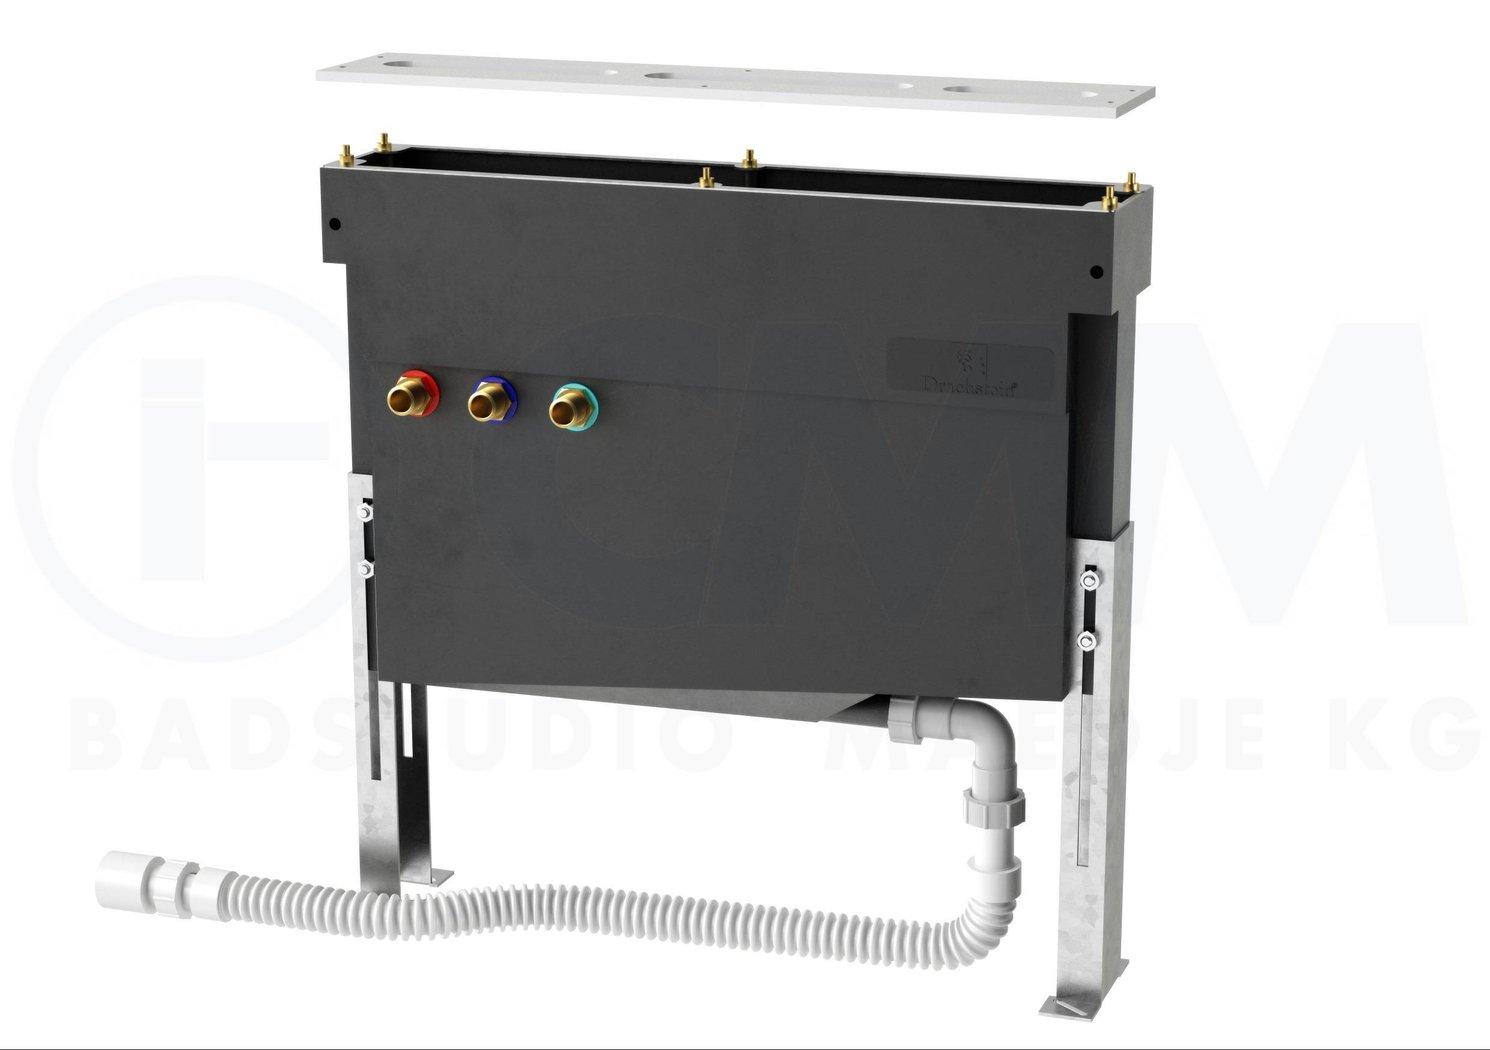 Ds wannenrand montagesystem deluxe f r wannenrandarmaturen drainage h henverstellbar - Mgs armaturen ...